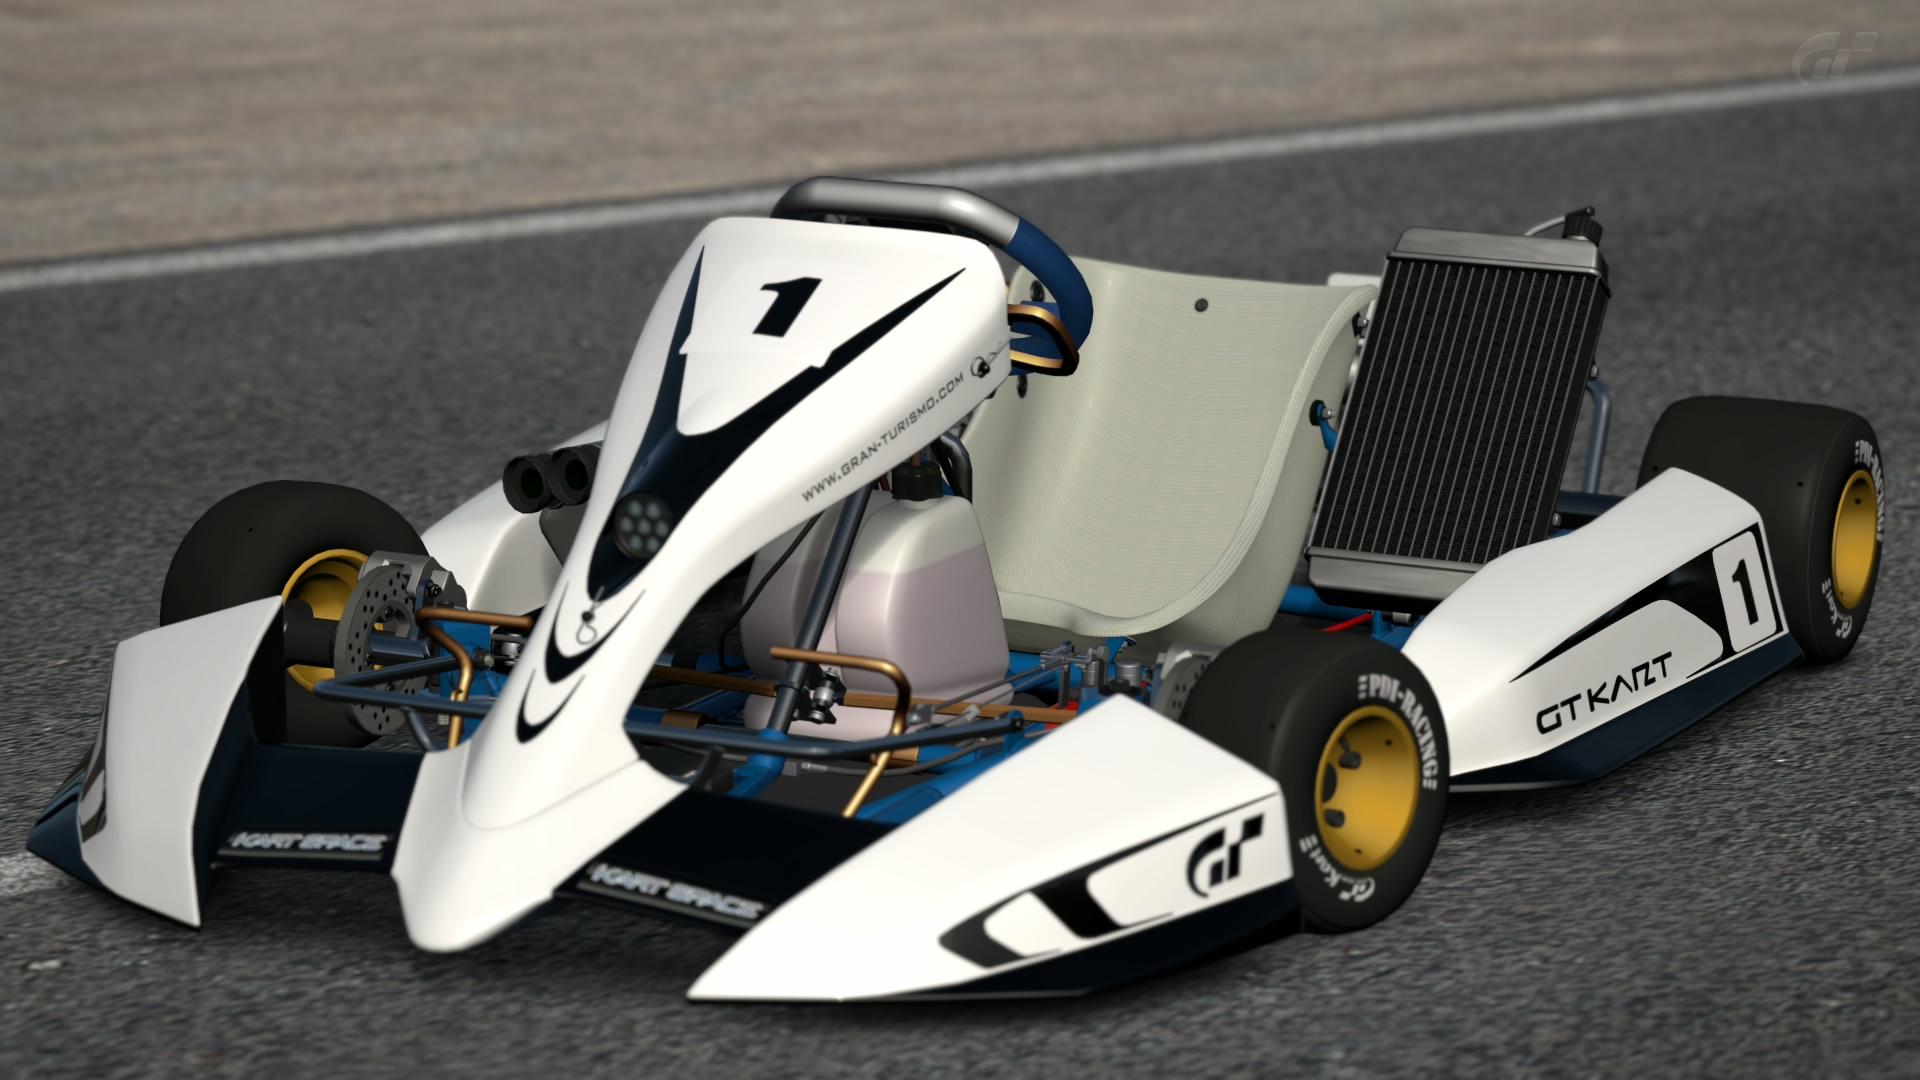 kart 125 shifter gran turismo 6